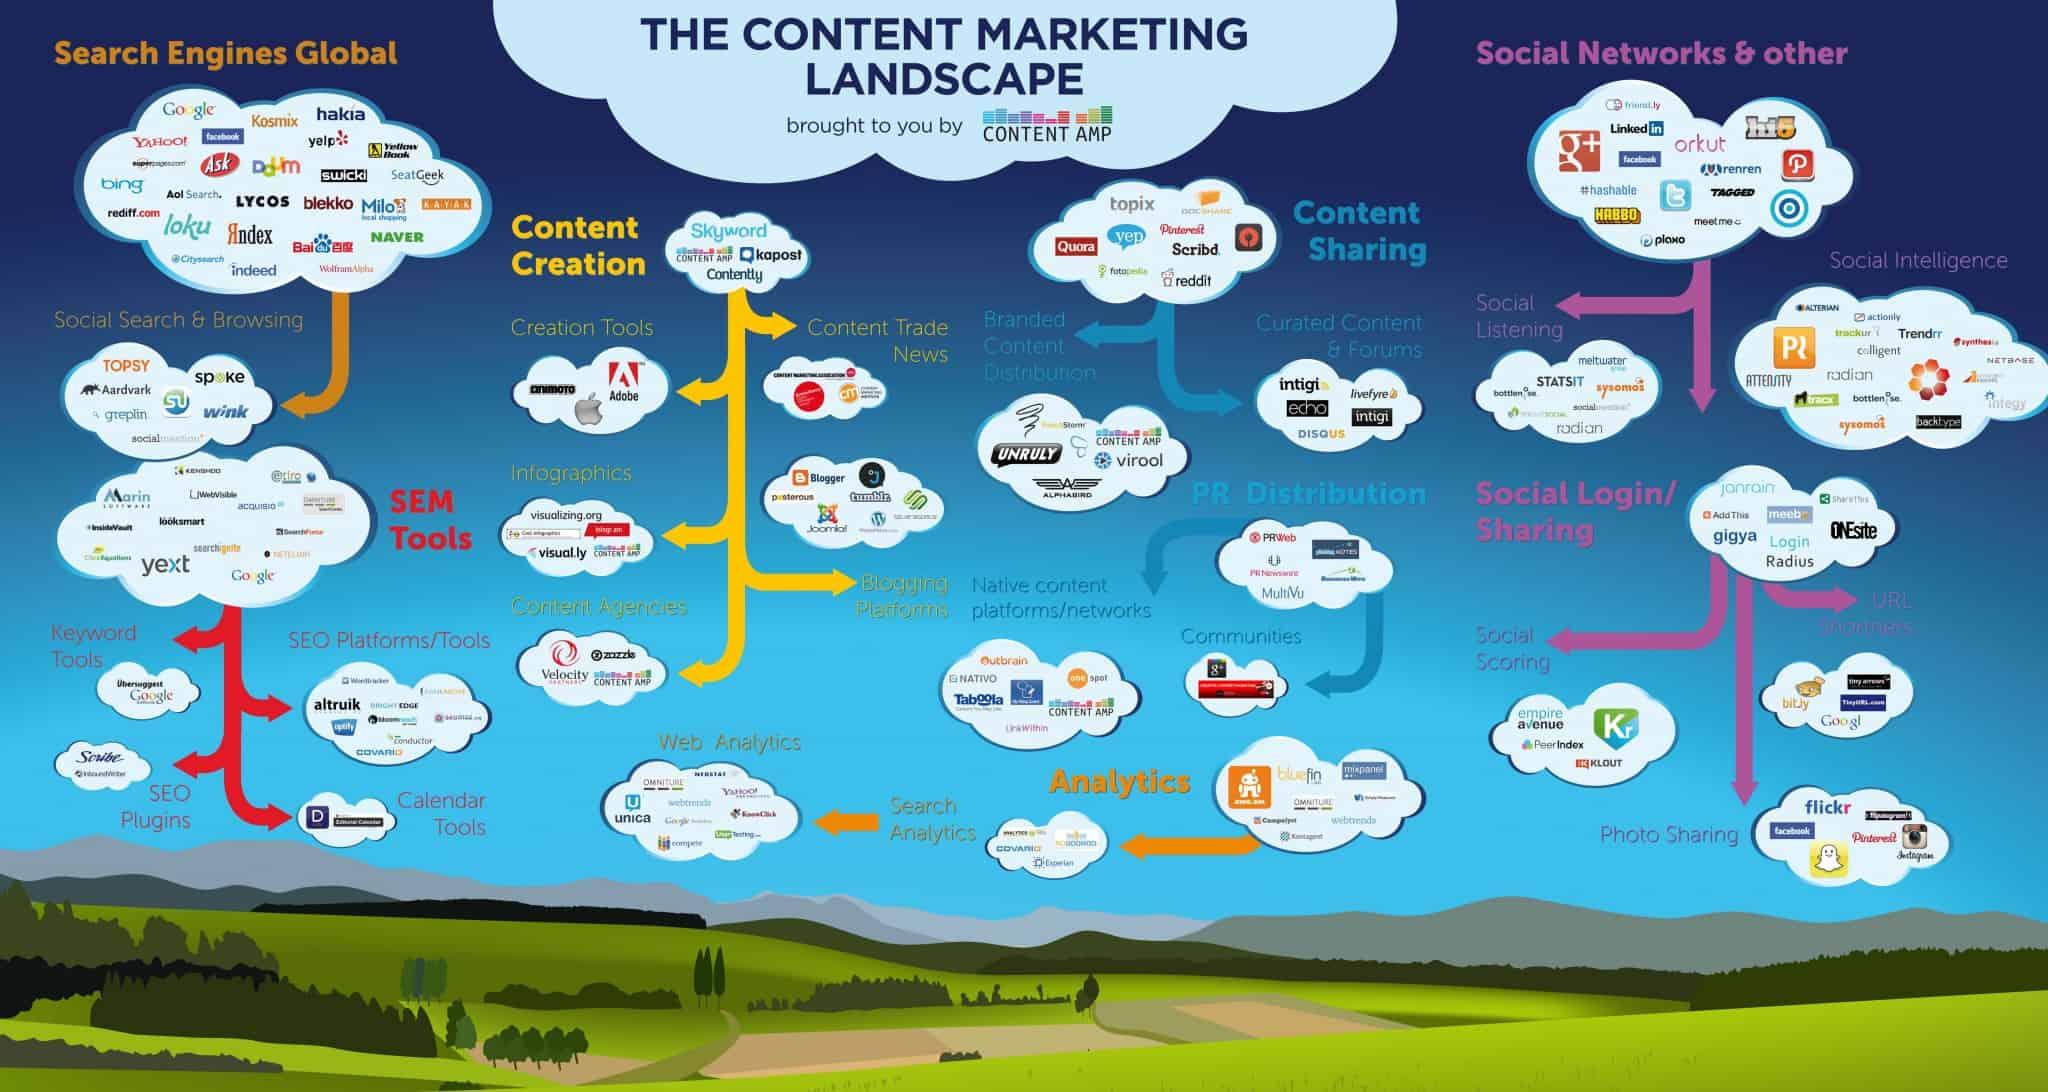 Het content marketing landschap (infographic)